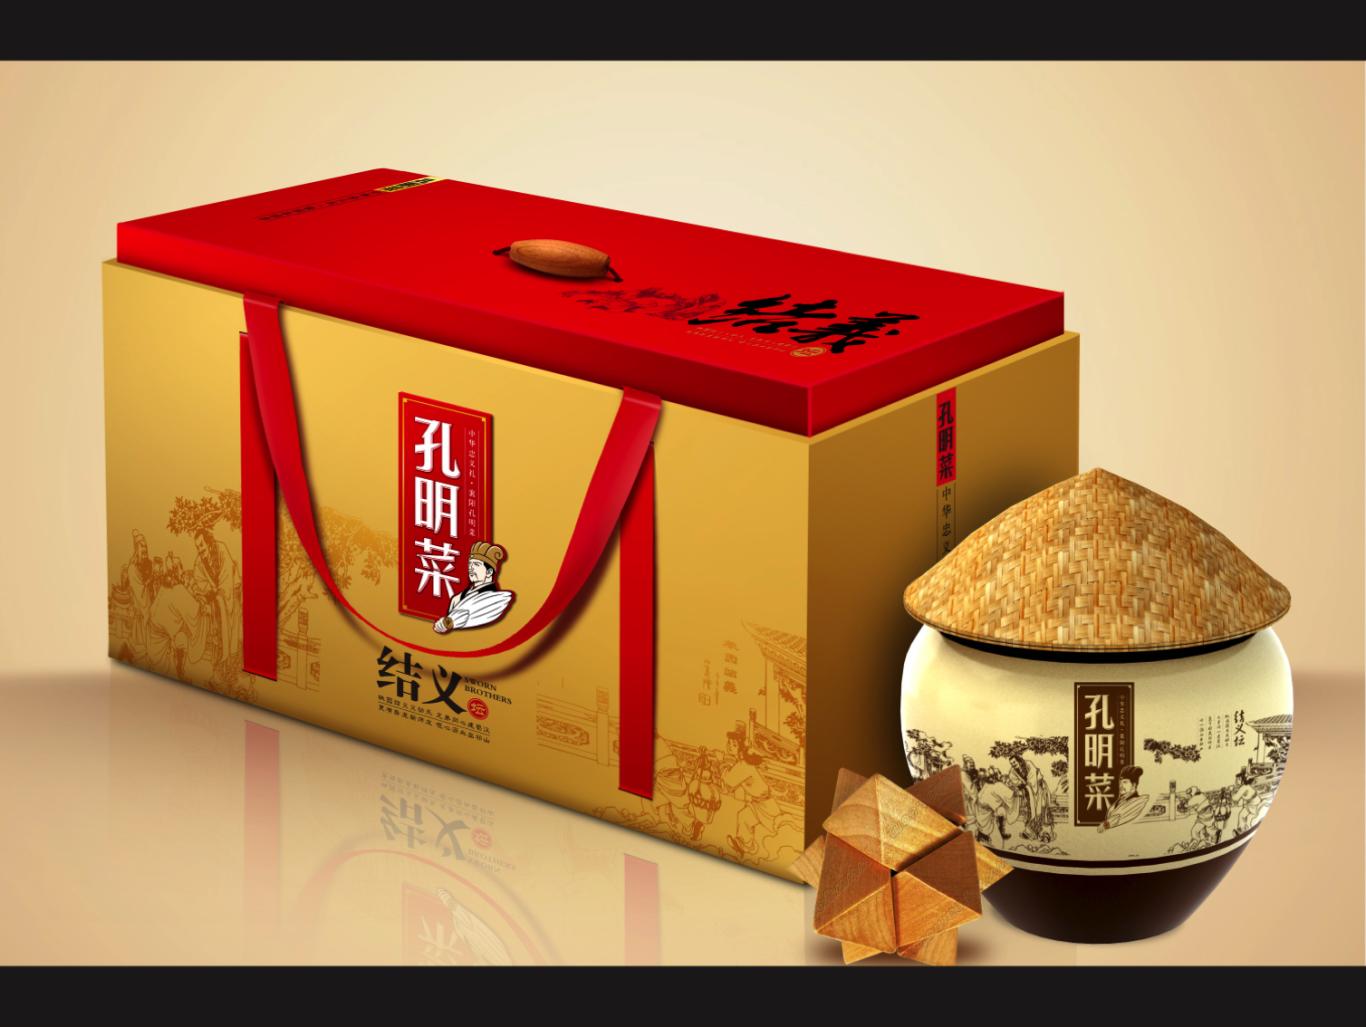 襄阳孔明菜系列产品包装设计图0